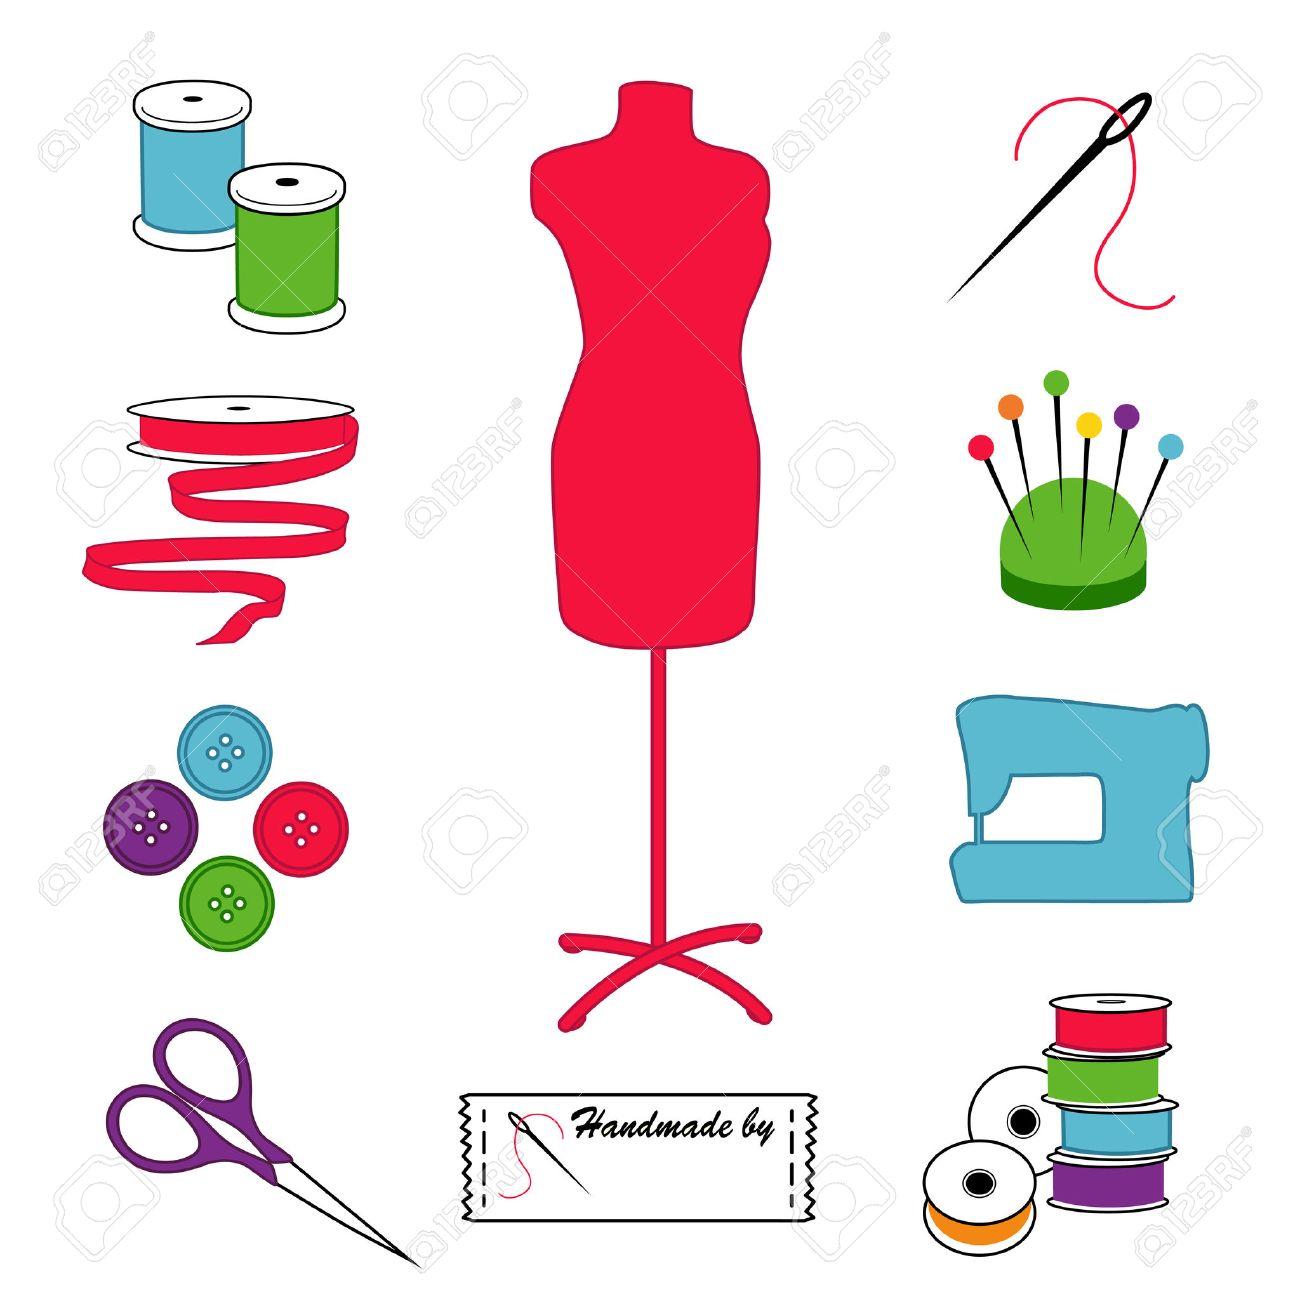 Näh- Und Schneider Icons, Mode-Modell, Werkzeuge, Zubehör Zum Nähen ...